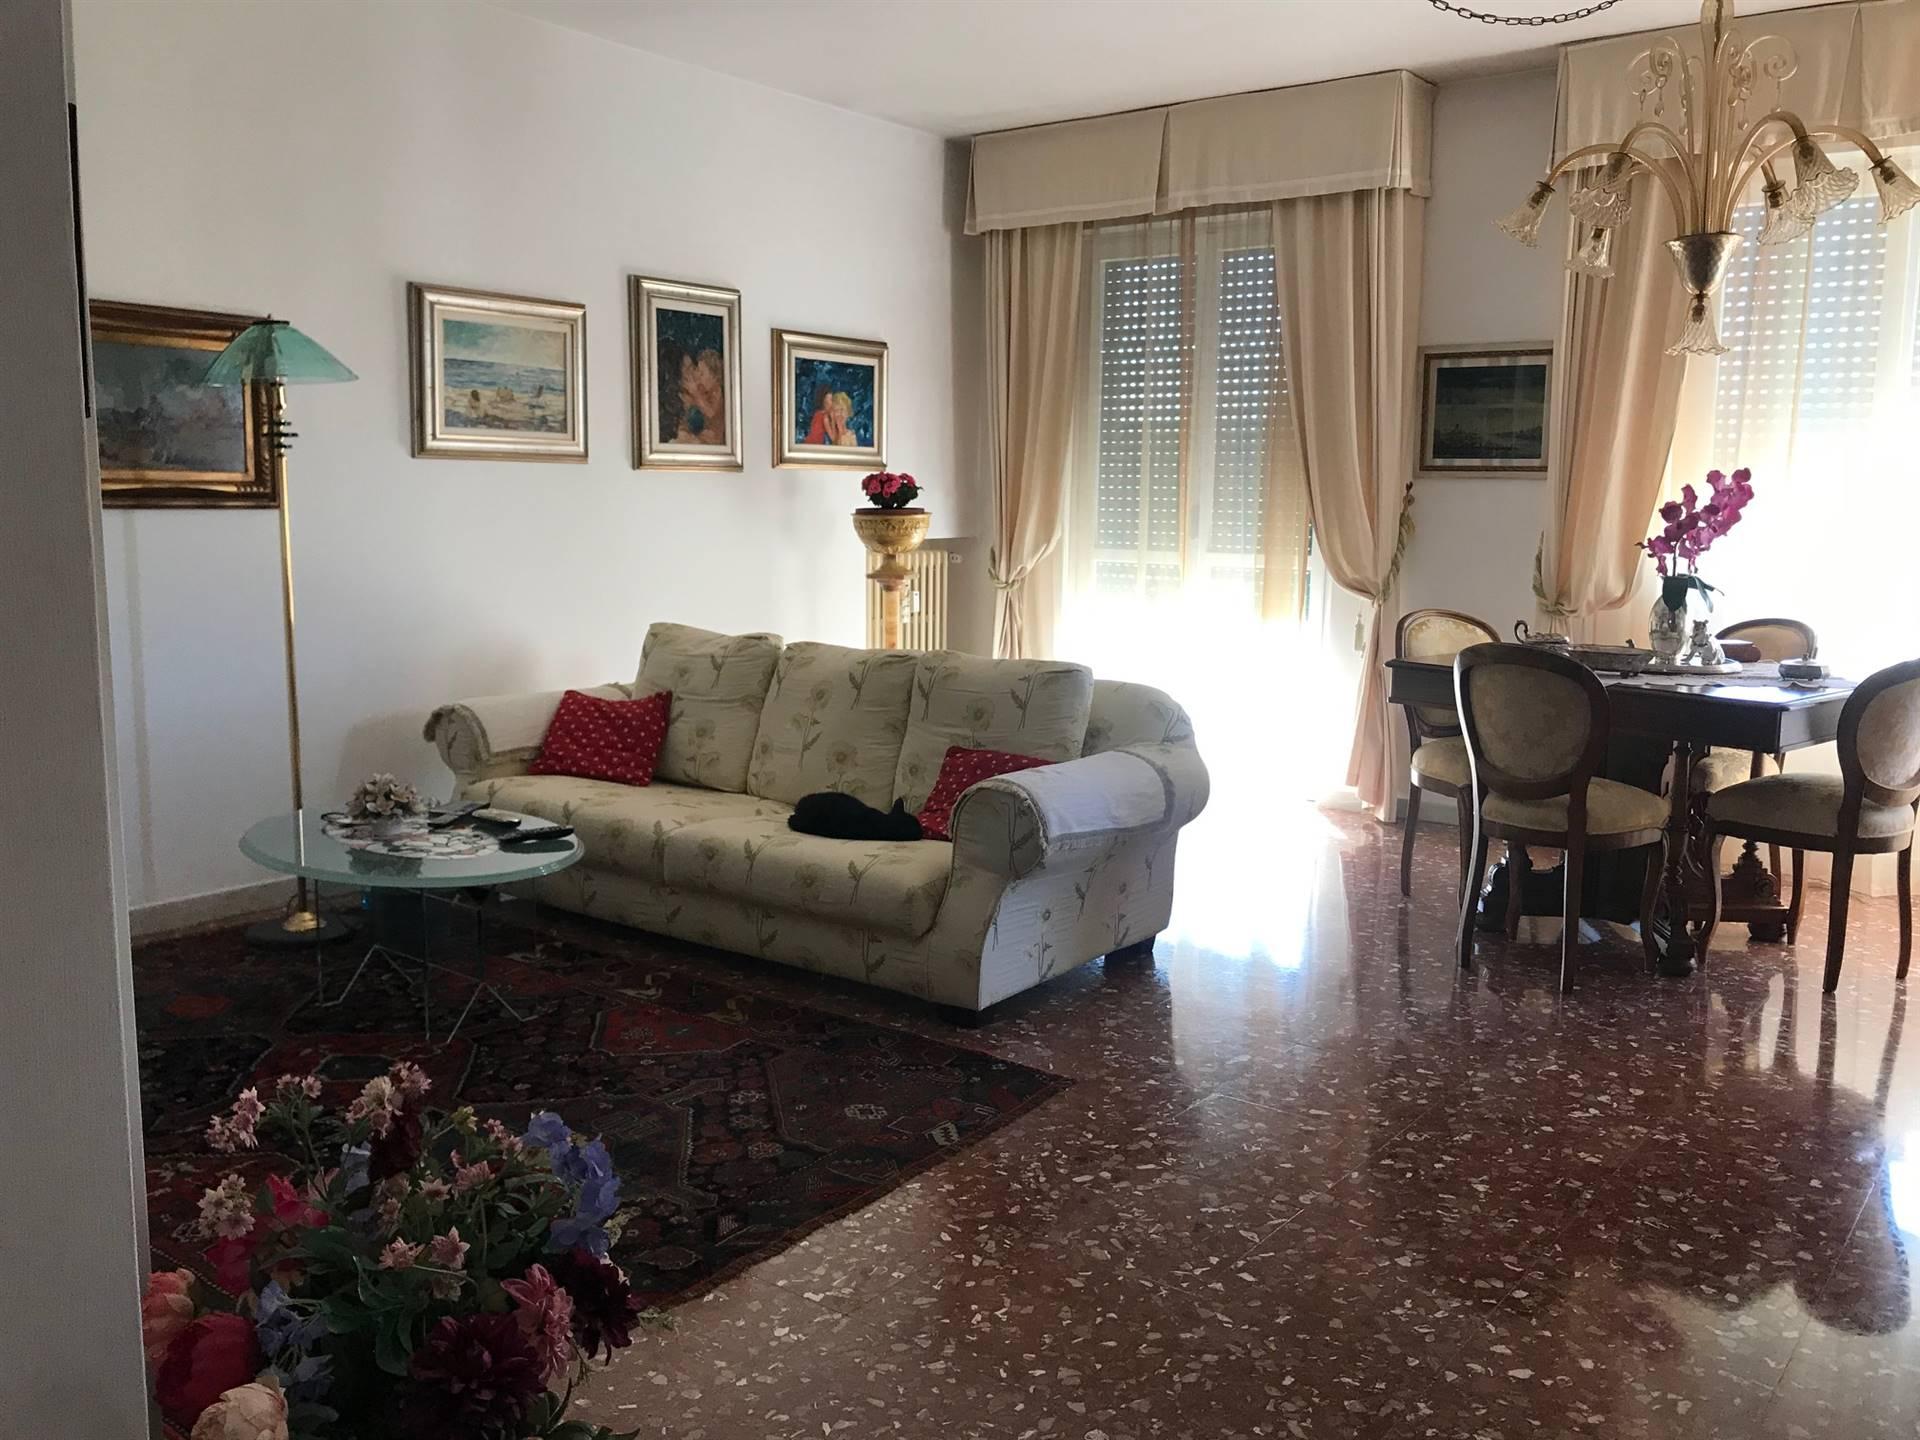 PIAZZA DELLA VITTORIA Appartamento ottime condizioni composto da ingresso grande sala , cucina , tinello, due camera matrimoniali, due bagni ,